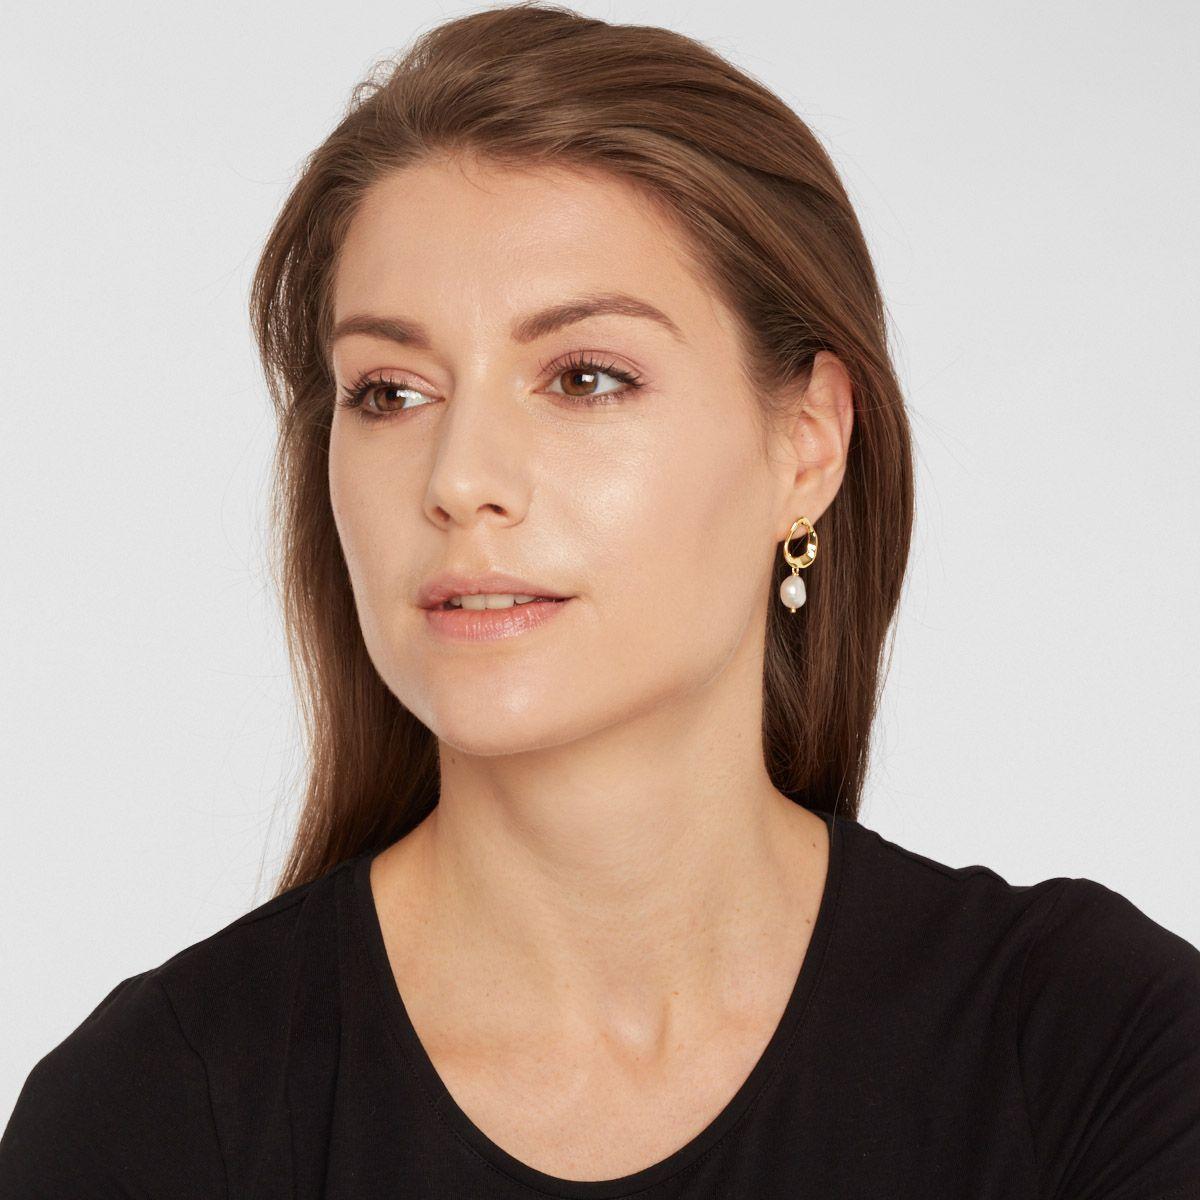 Deanna - Perlenohrringe - Silber